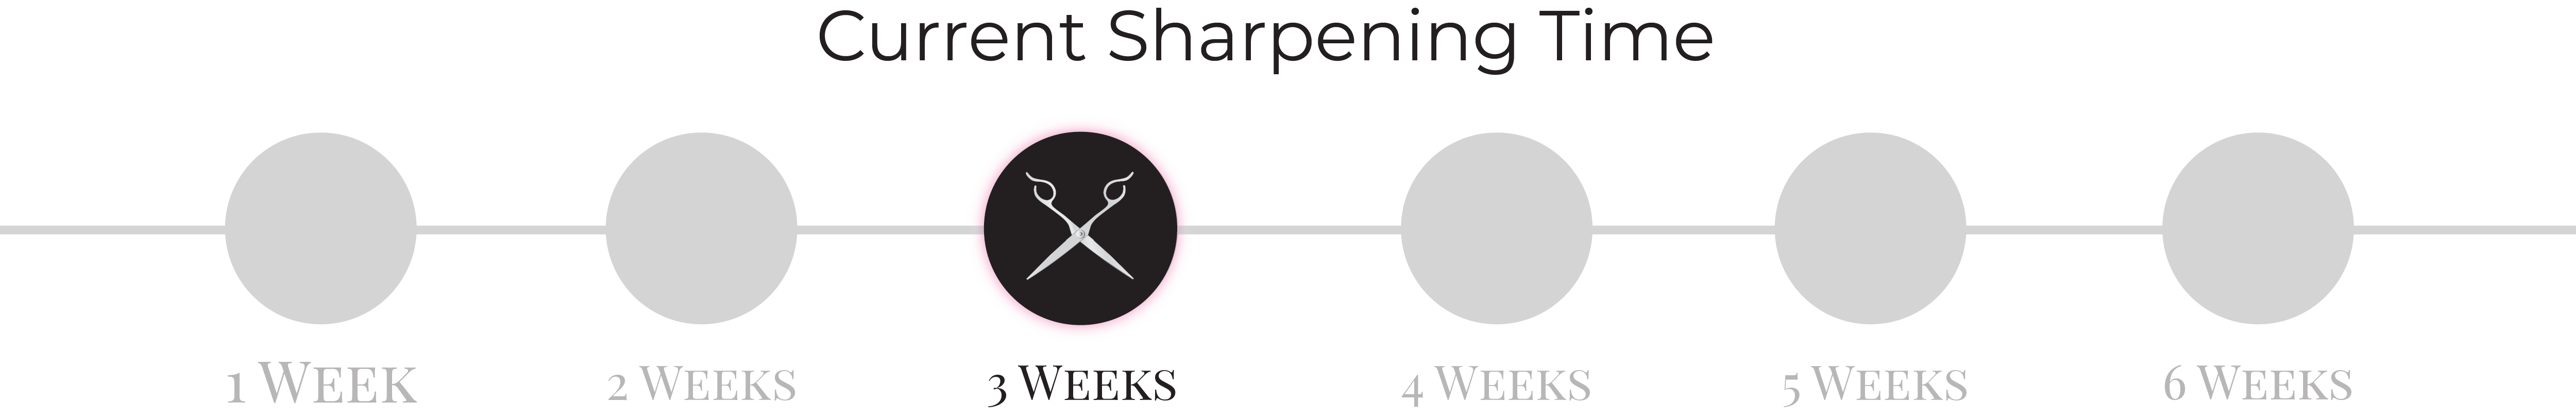 sharpening-3weeks.png